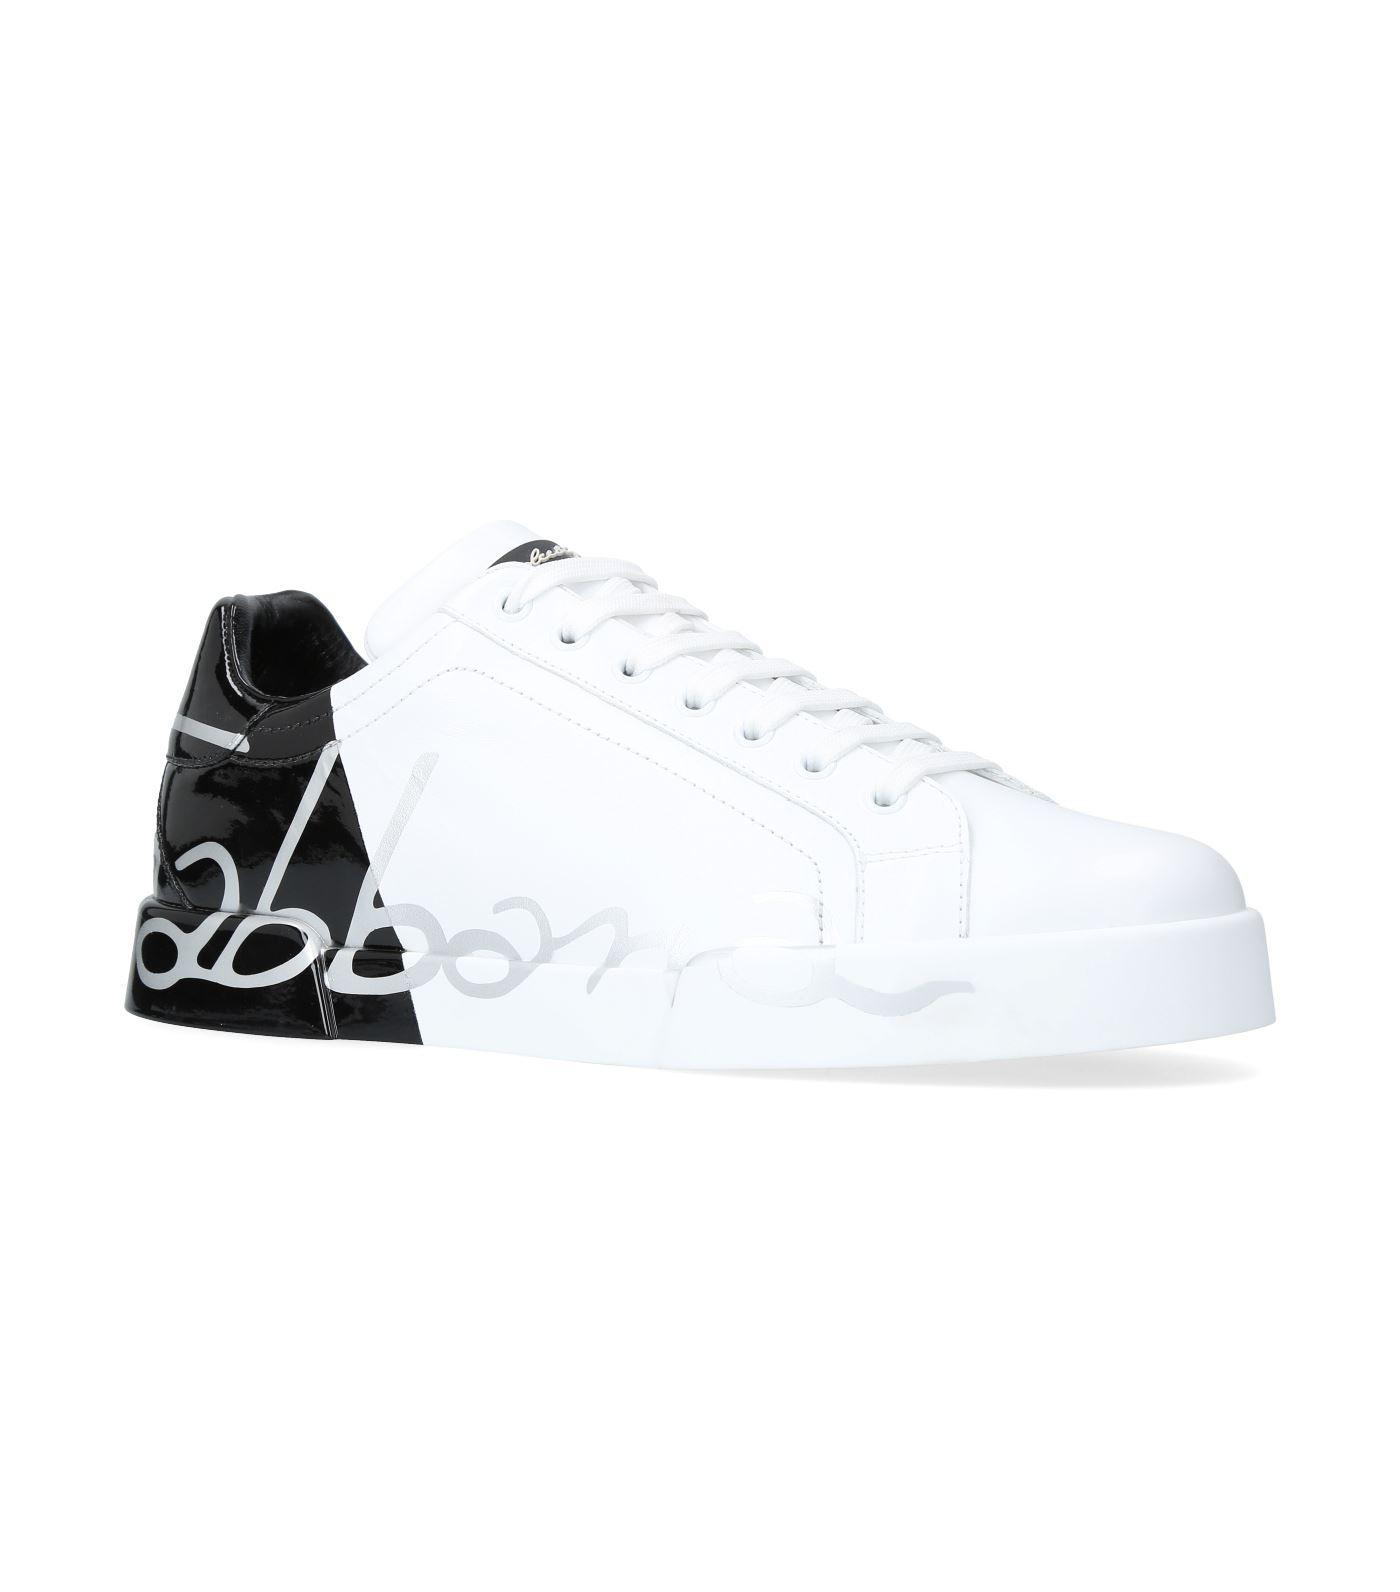 Dolce & Gabbana Dolce And Gabbana White Patent Trim Portofino Sneakers In Hn821 White